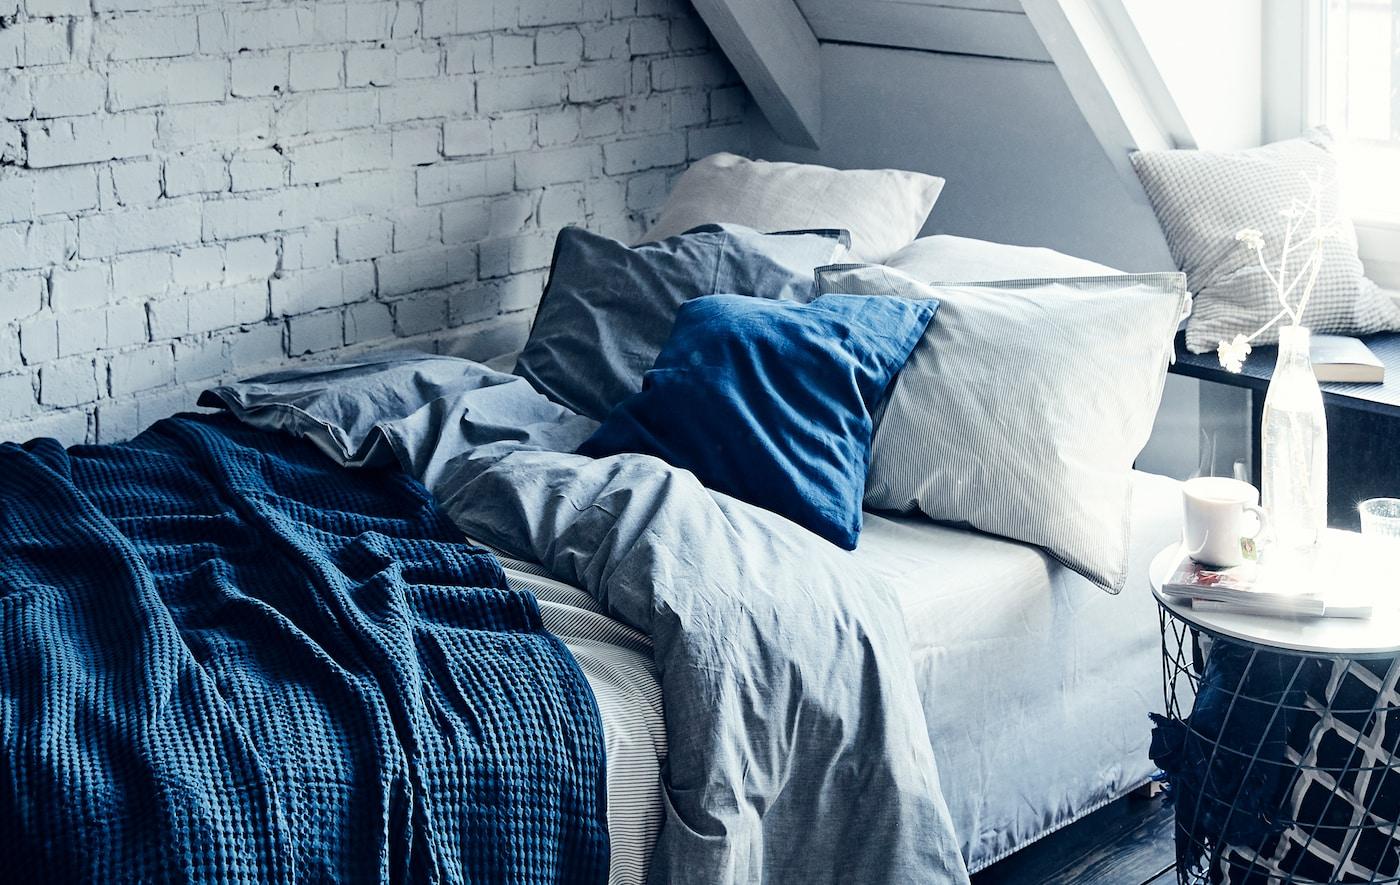 Ein Bett mit blauer und weisser Bettwäsche vor einer weiss gestrichenen Backsteinwand